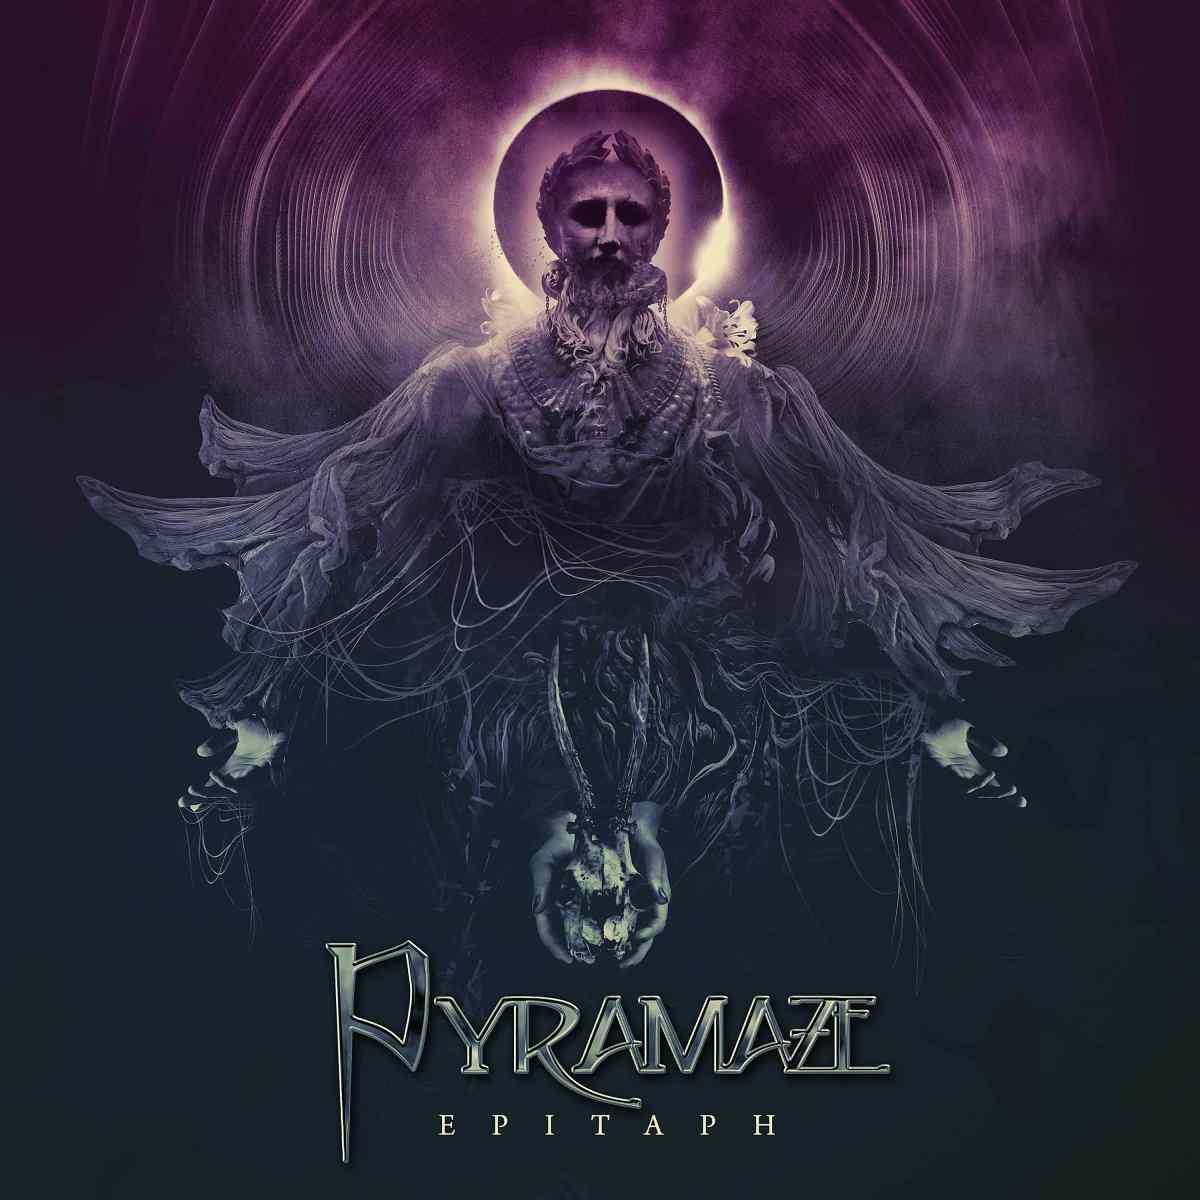 REVIEW: Pyramaze – Epitaph